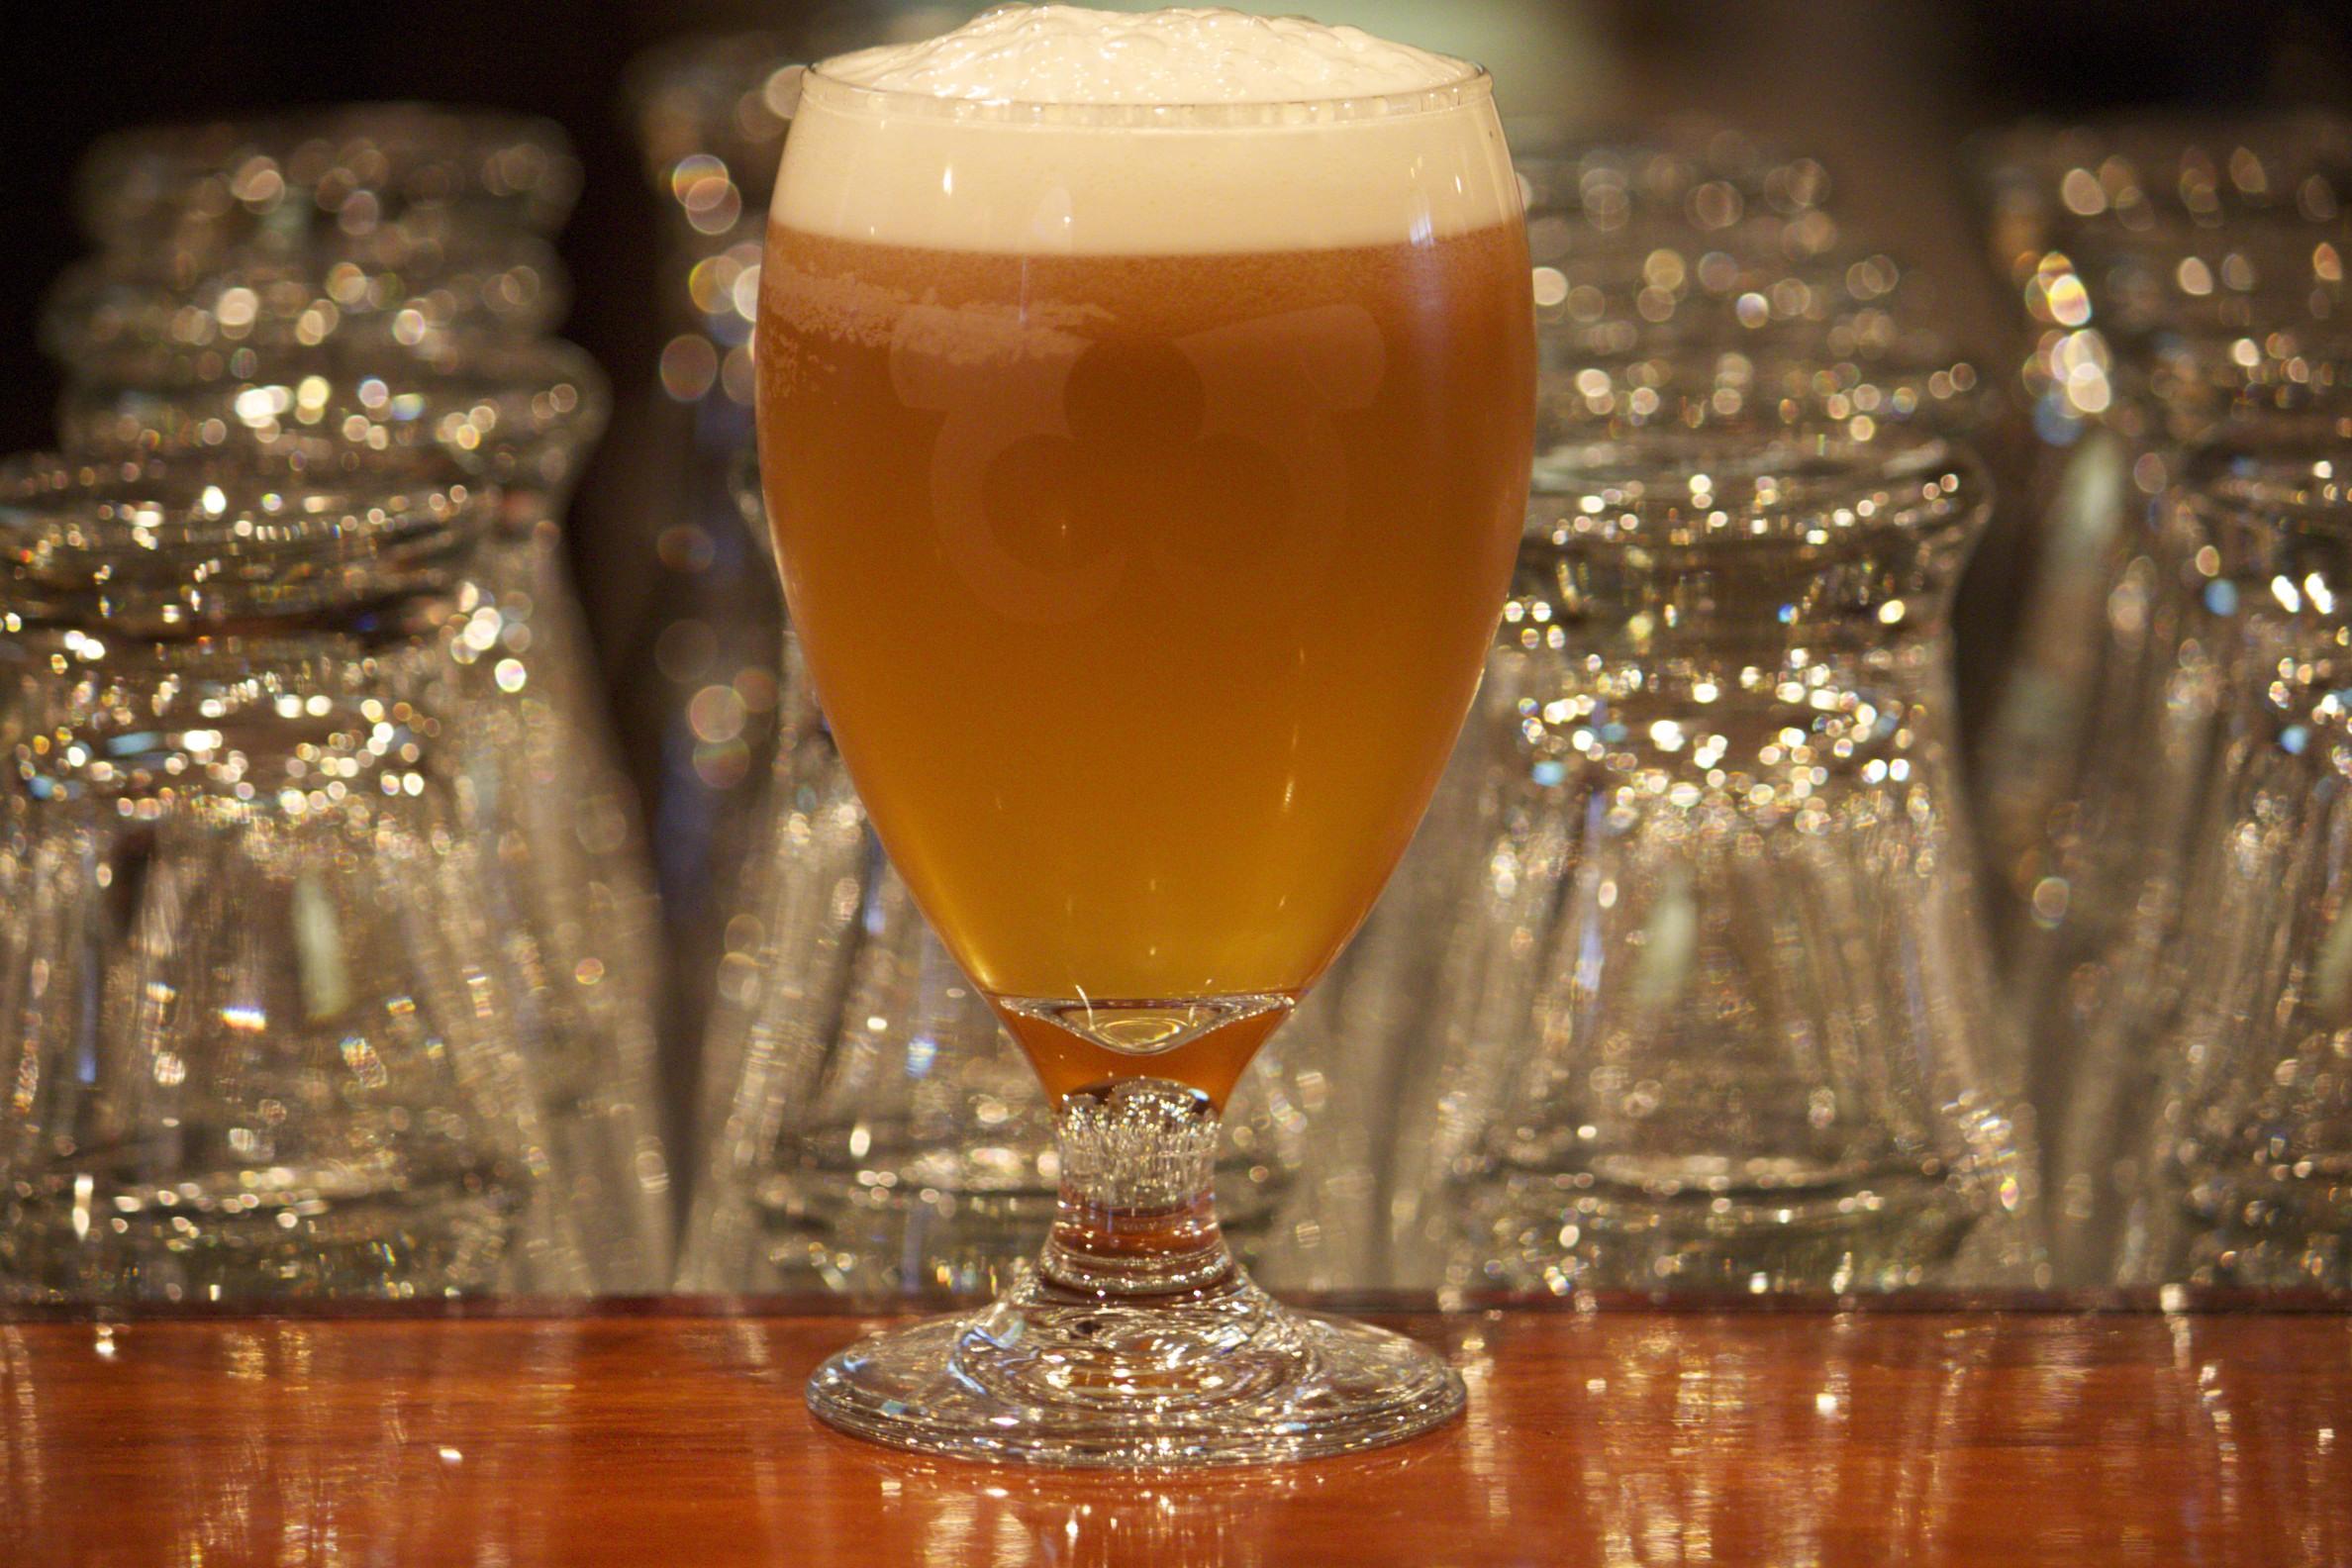 Beer. (Credit: Chris Lexow/Flickr)